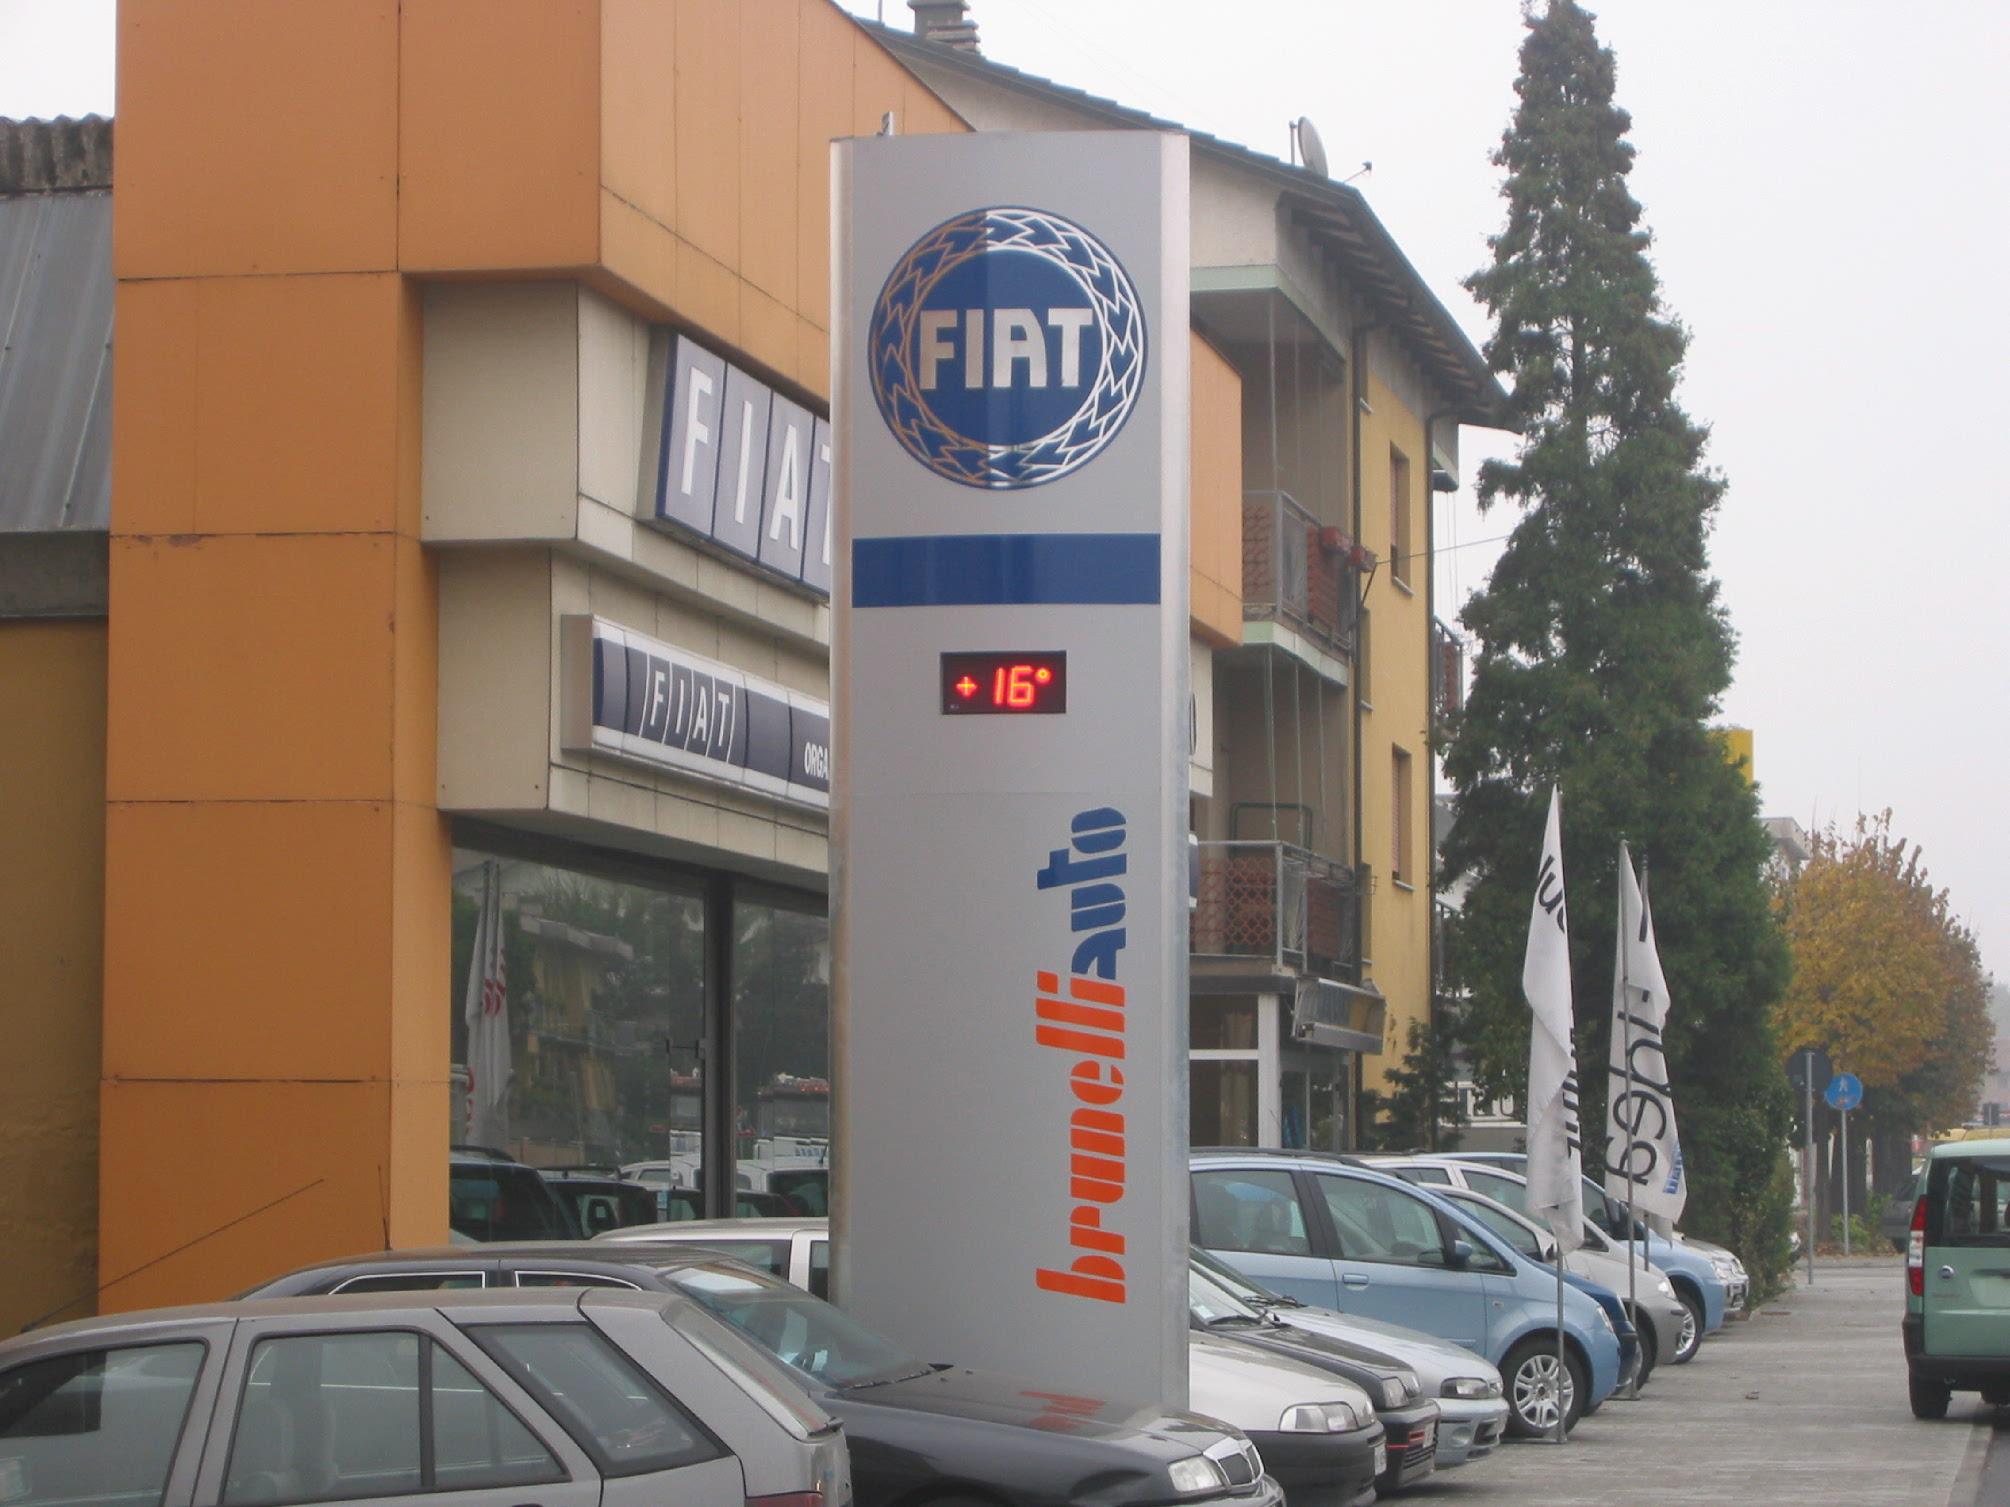 totem pubblicitario insegna fiat con termometro esterno sericart2